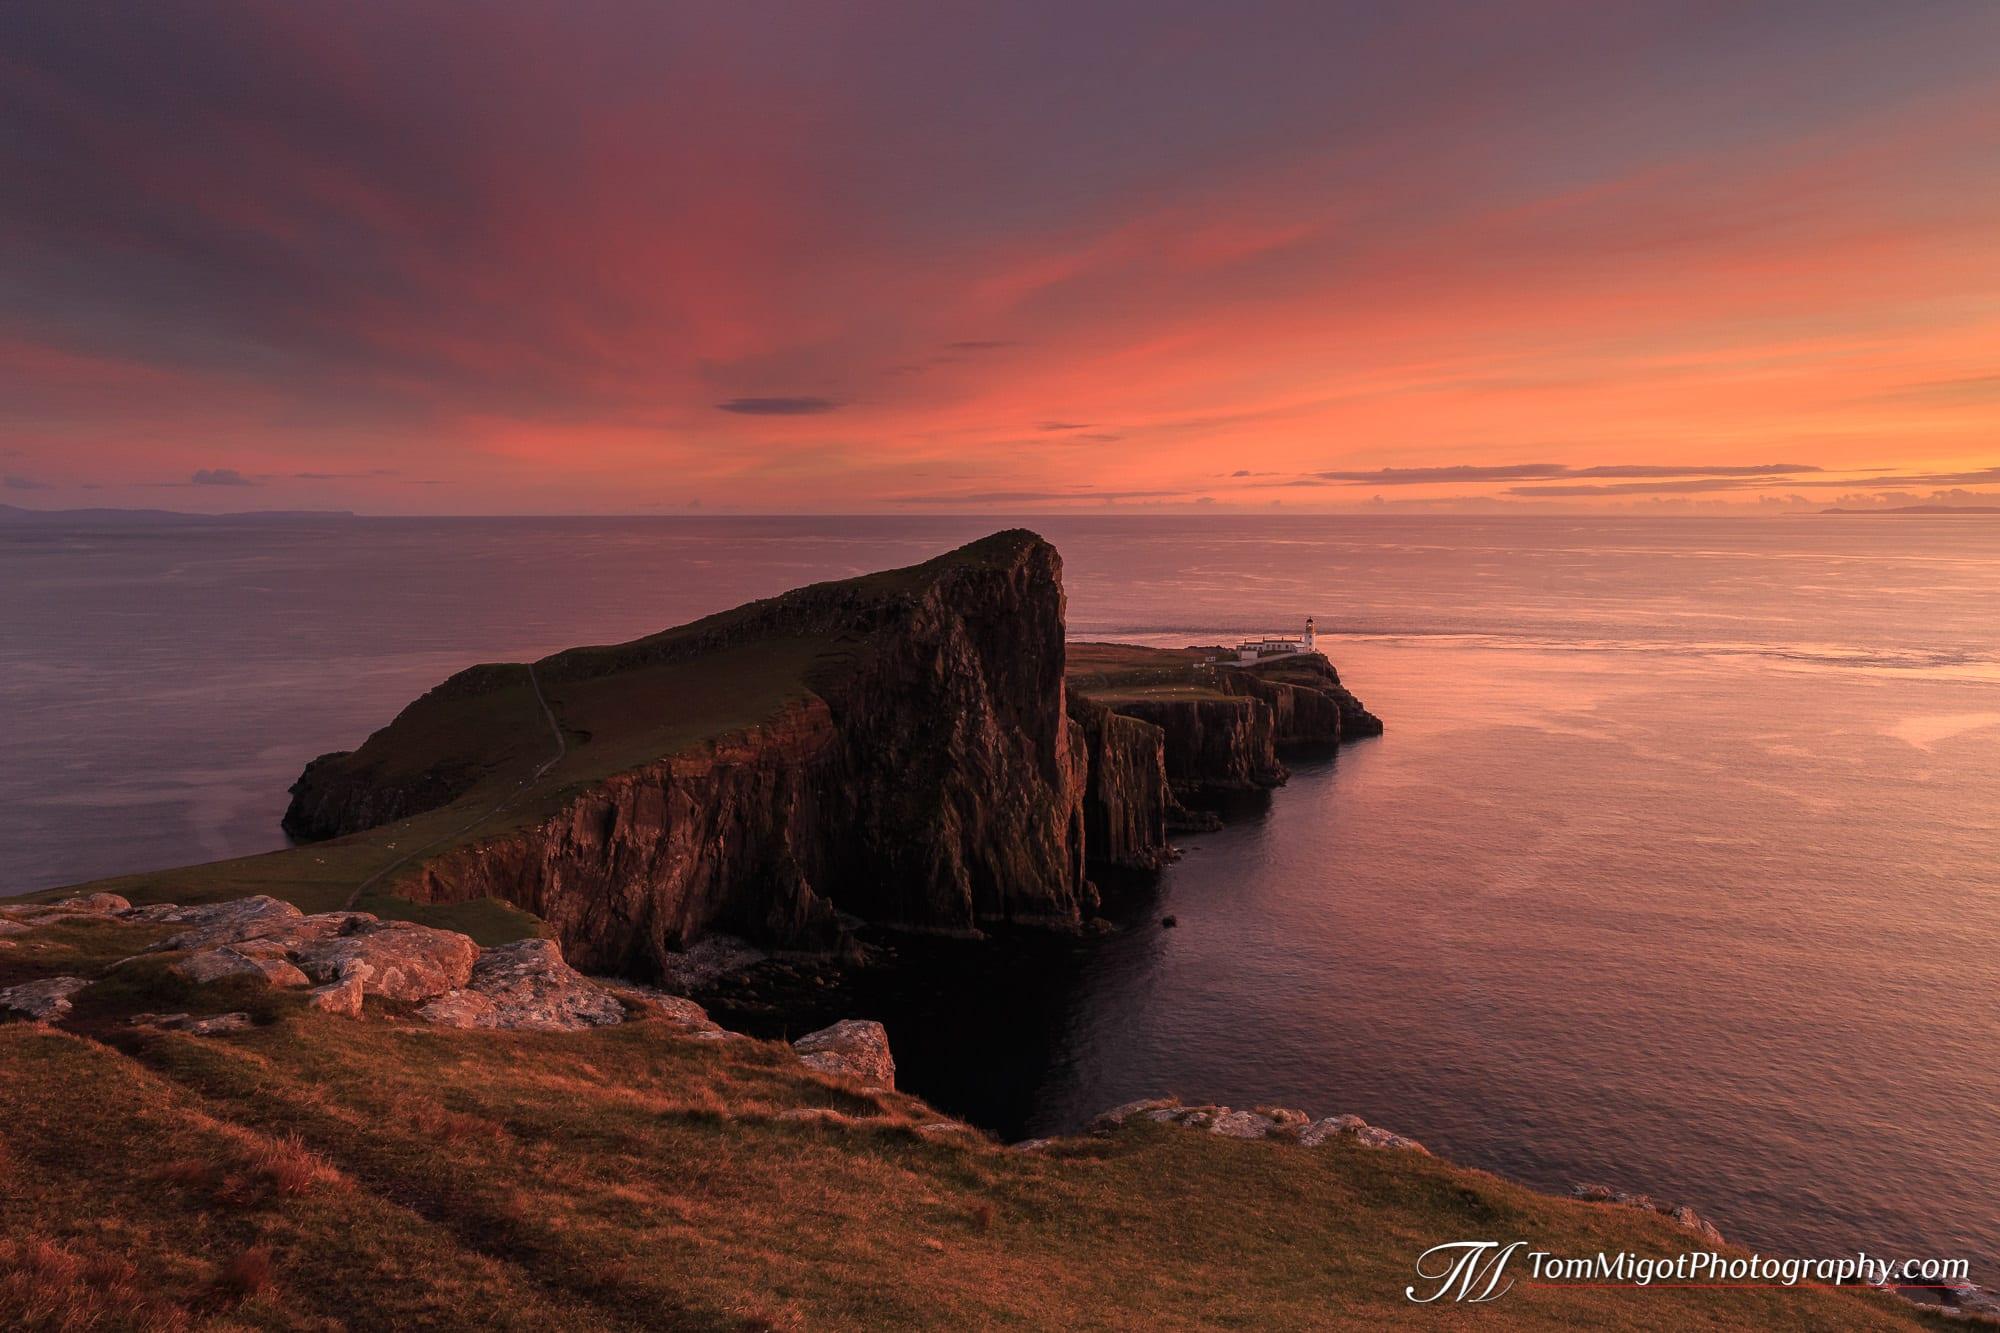 Coucher de soleil sur Neist point sur l'Ile de Skye en Ecosse photographié à l'automne